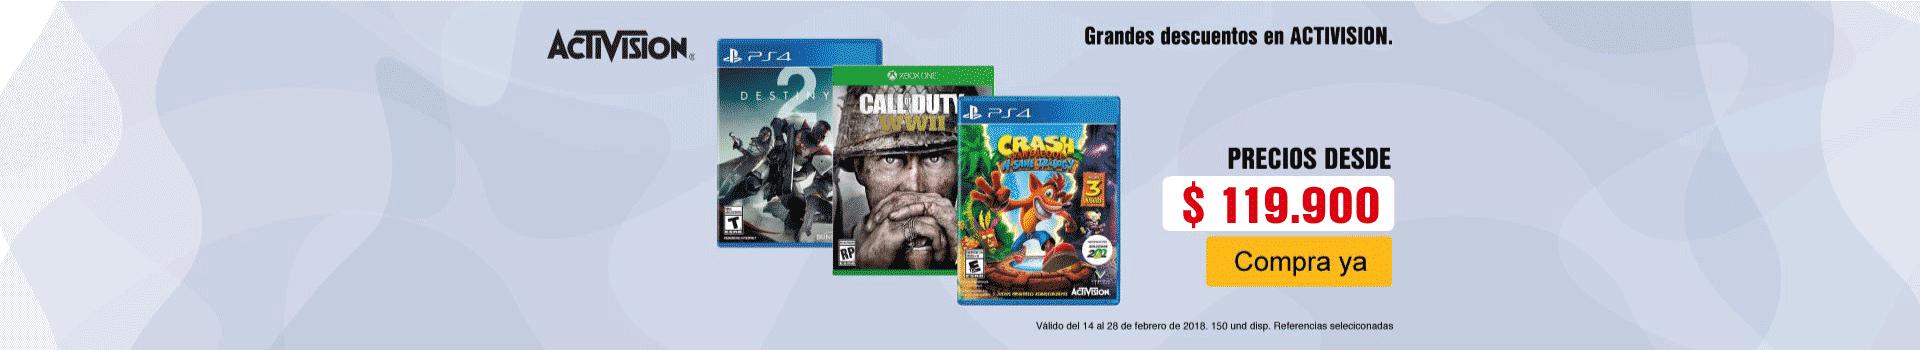 CAT-AK-KT-8-videojuegos-descuentos-ps4-activision-cat-febrero-17/28